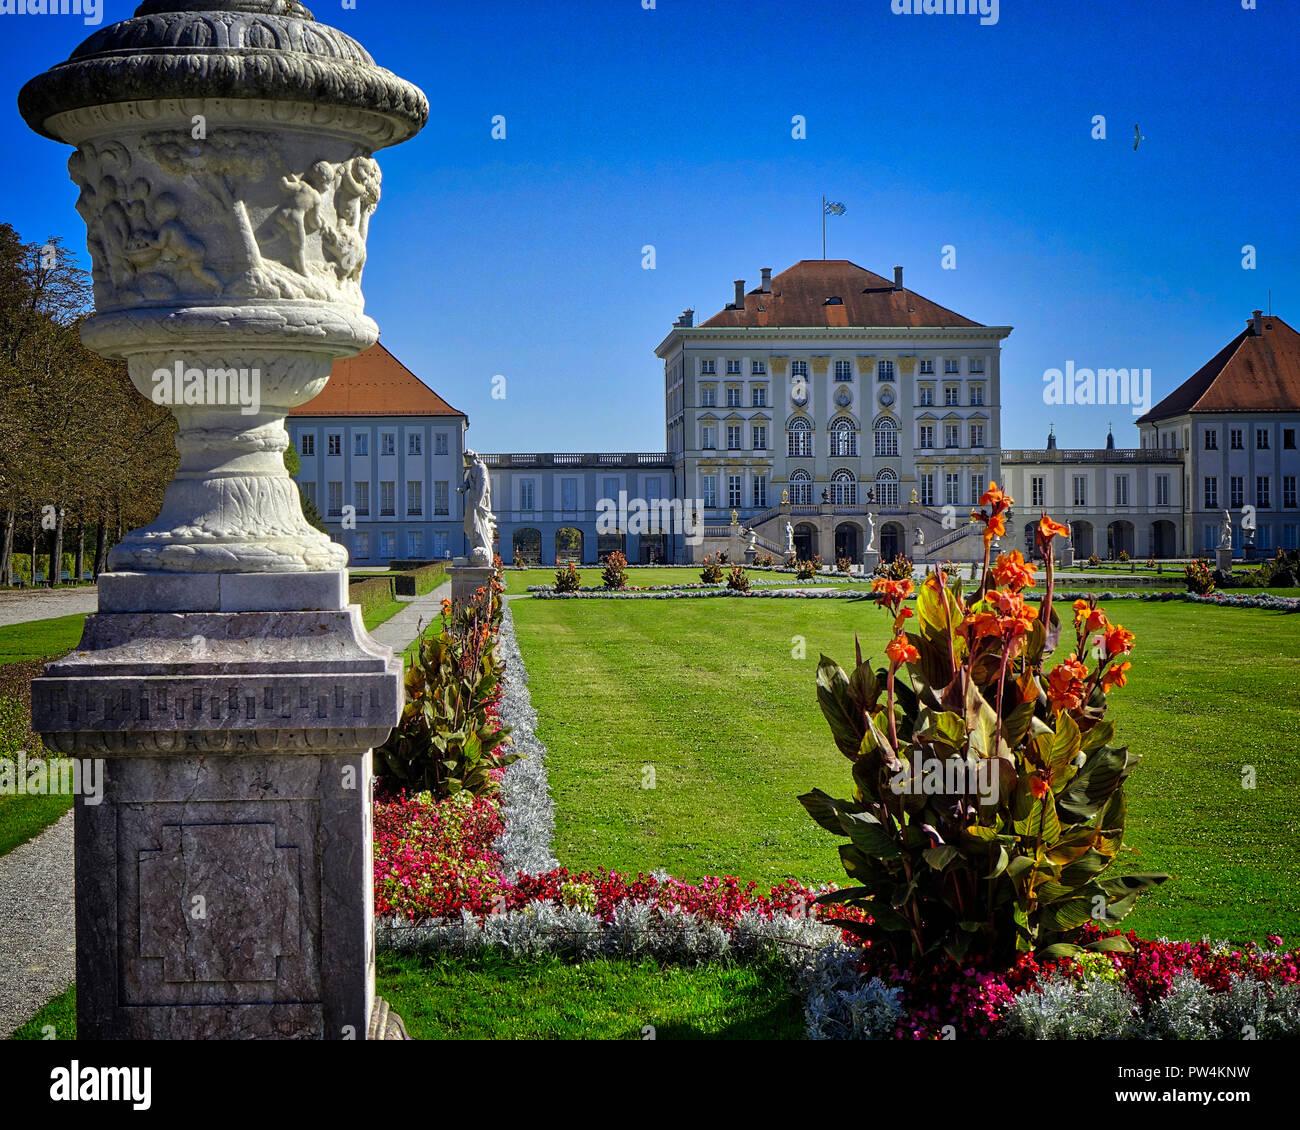 DE - BAVARIA: Nymphenburg Castle at Munich  (HDR-image) - Stock Image